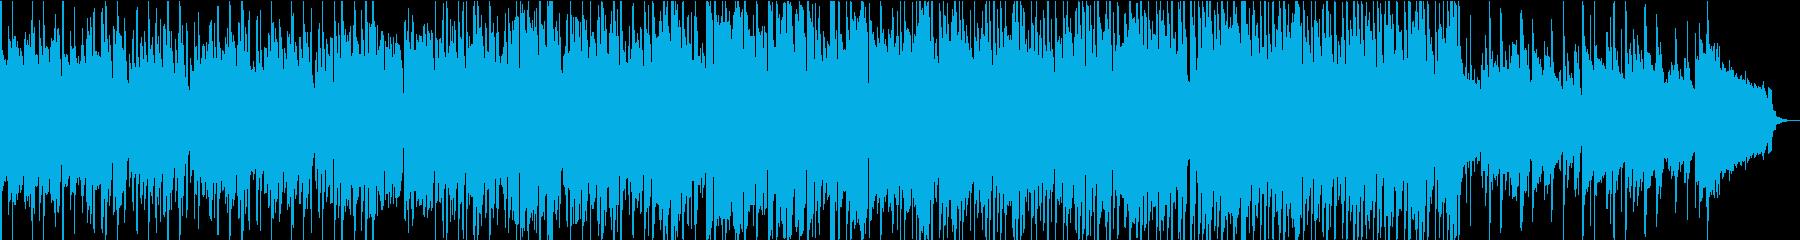 このジャズに影響を受けたレゲエの歌...の再生済みの波形